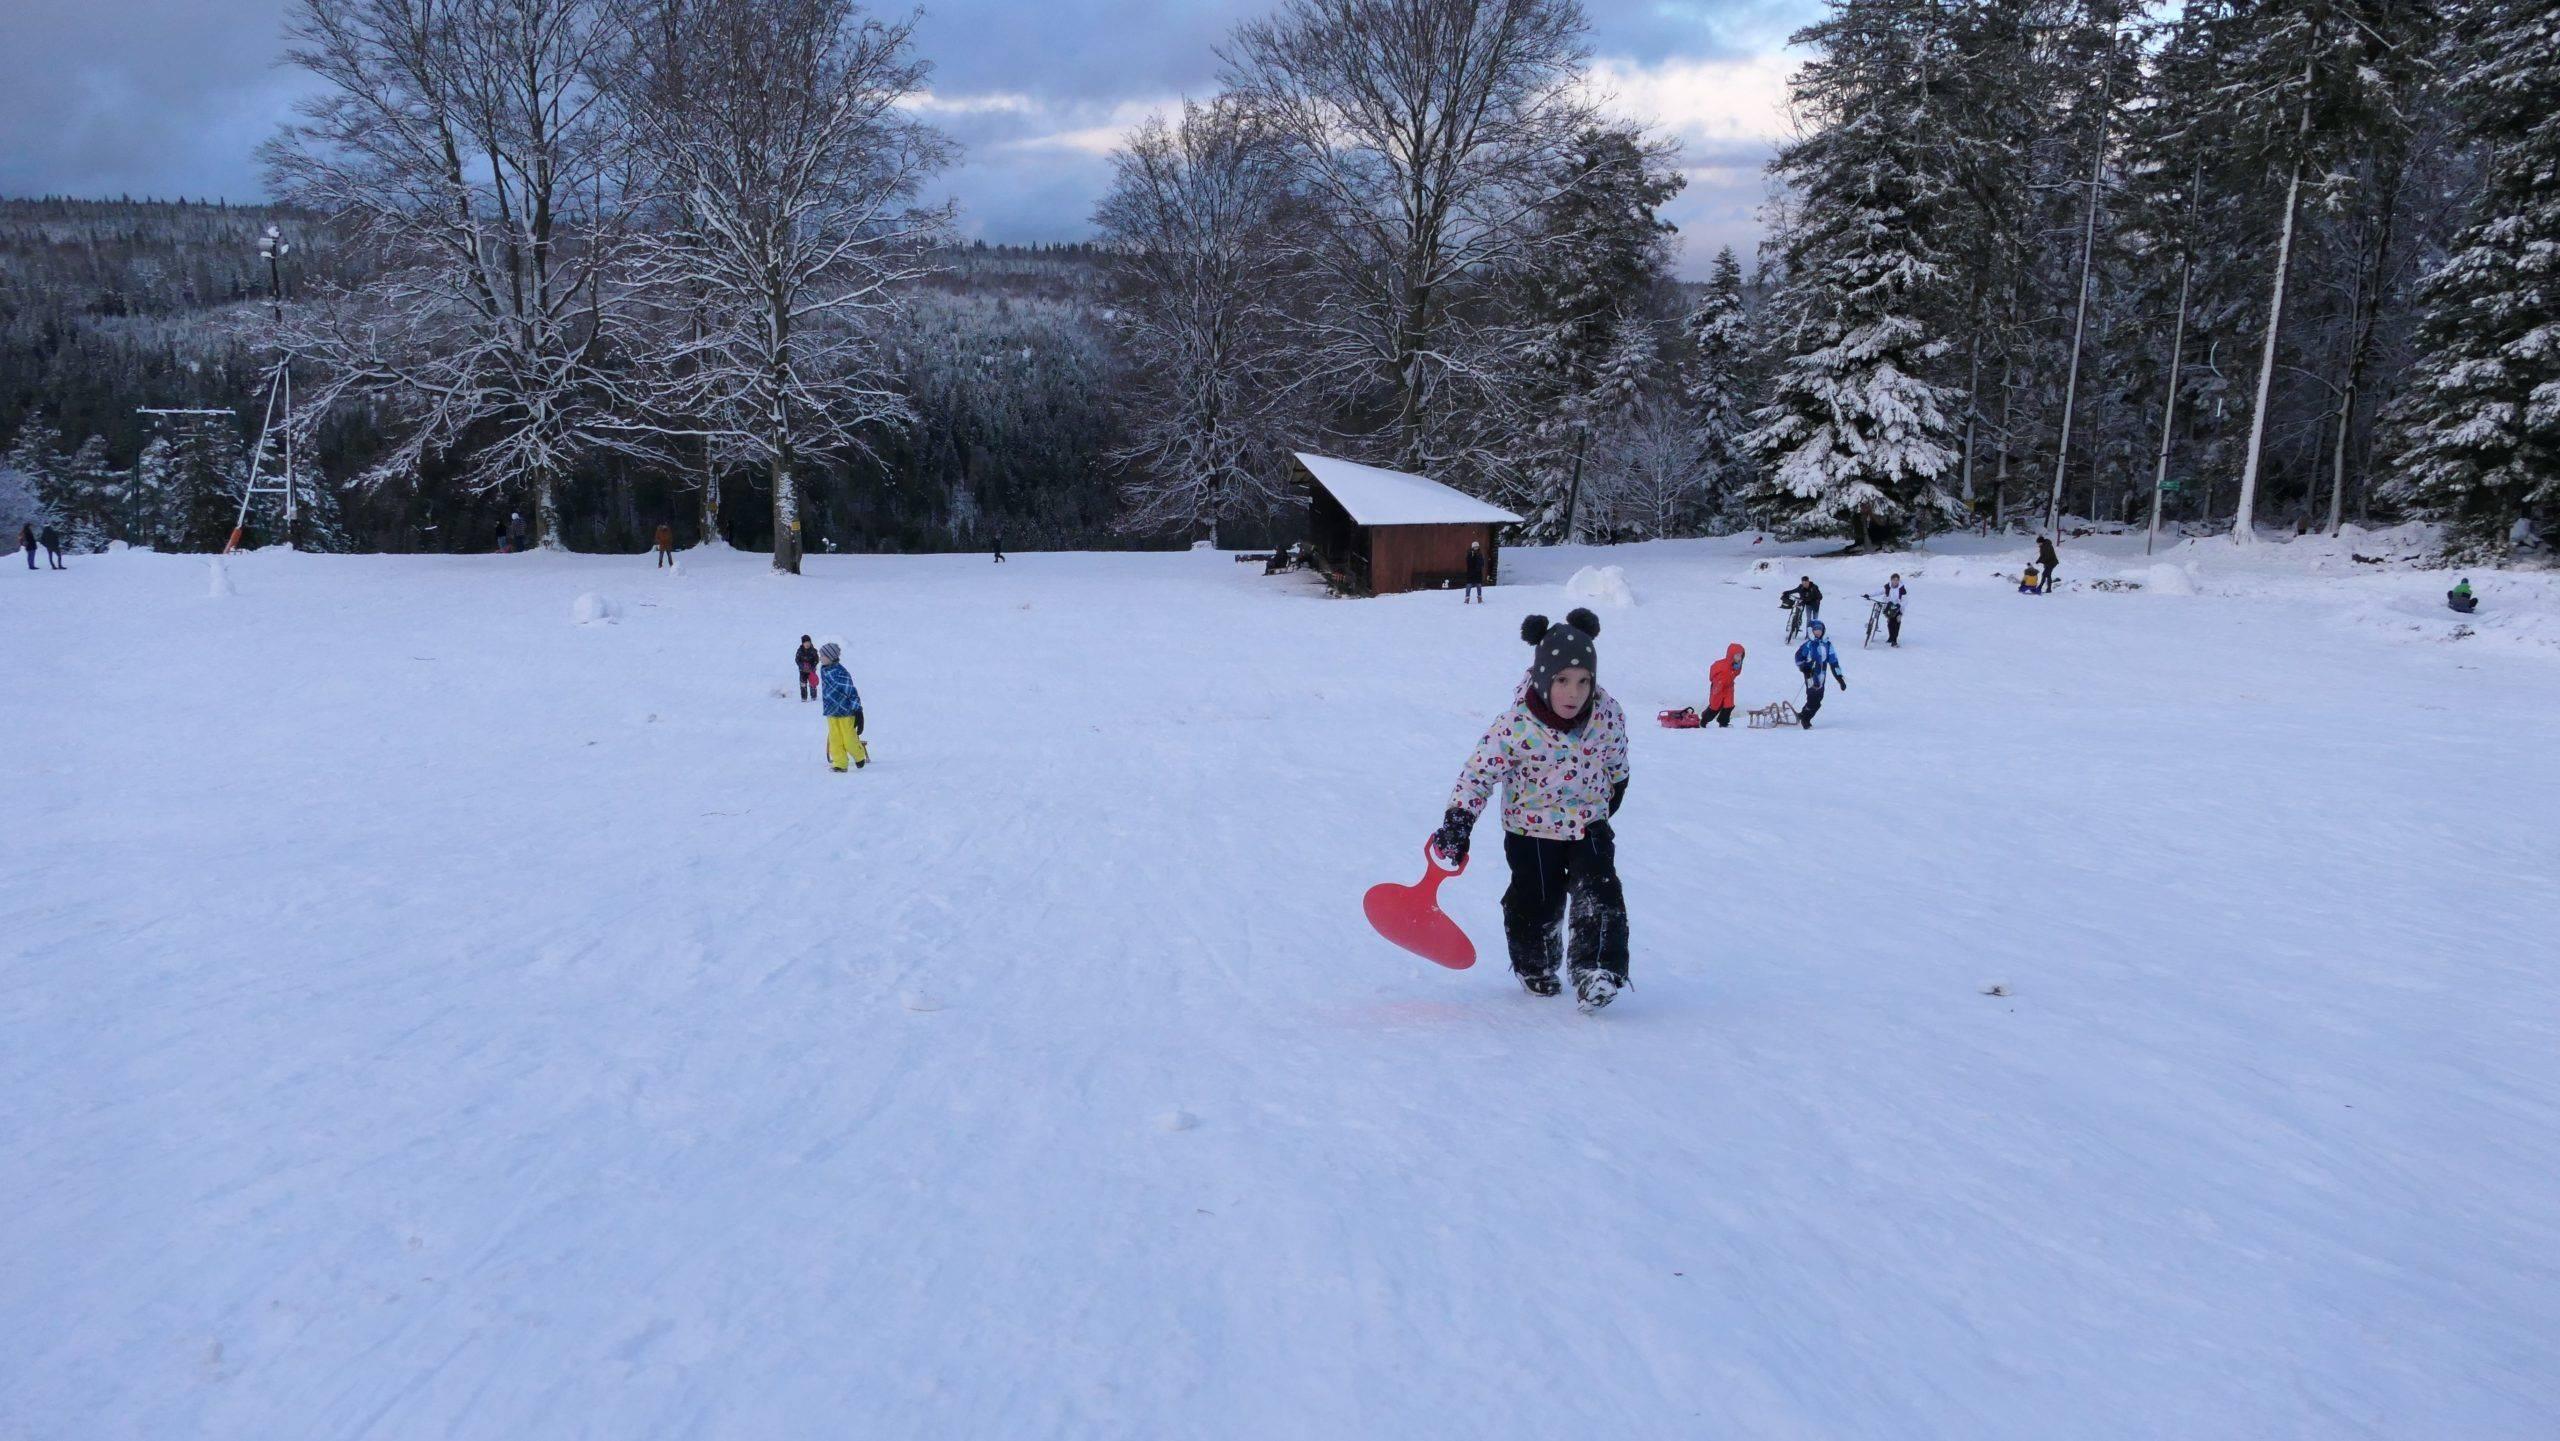 Rodeln in Bad Wildbad. Ein Elfmeter unter den Winter Ausflügen mit den Kindern im Schwarzwald